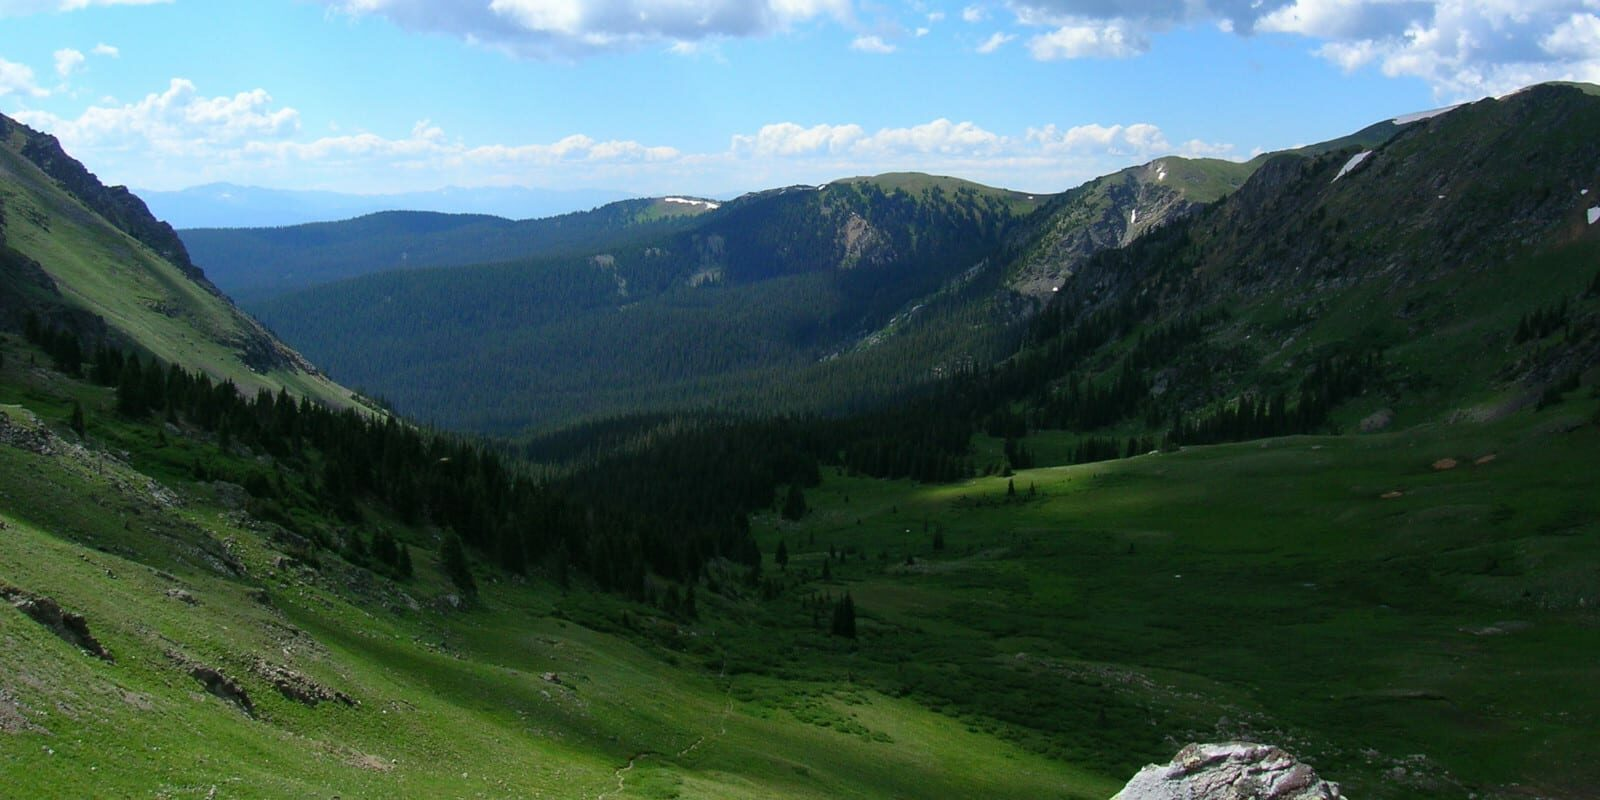 Never Summer Wilderness Baker's Pass View